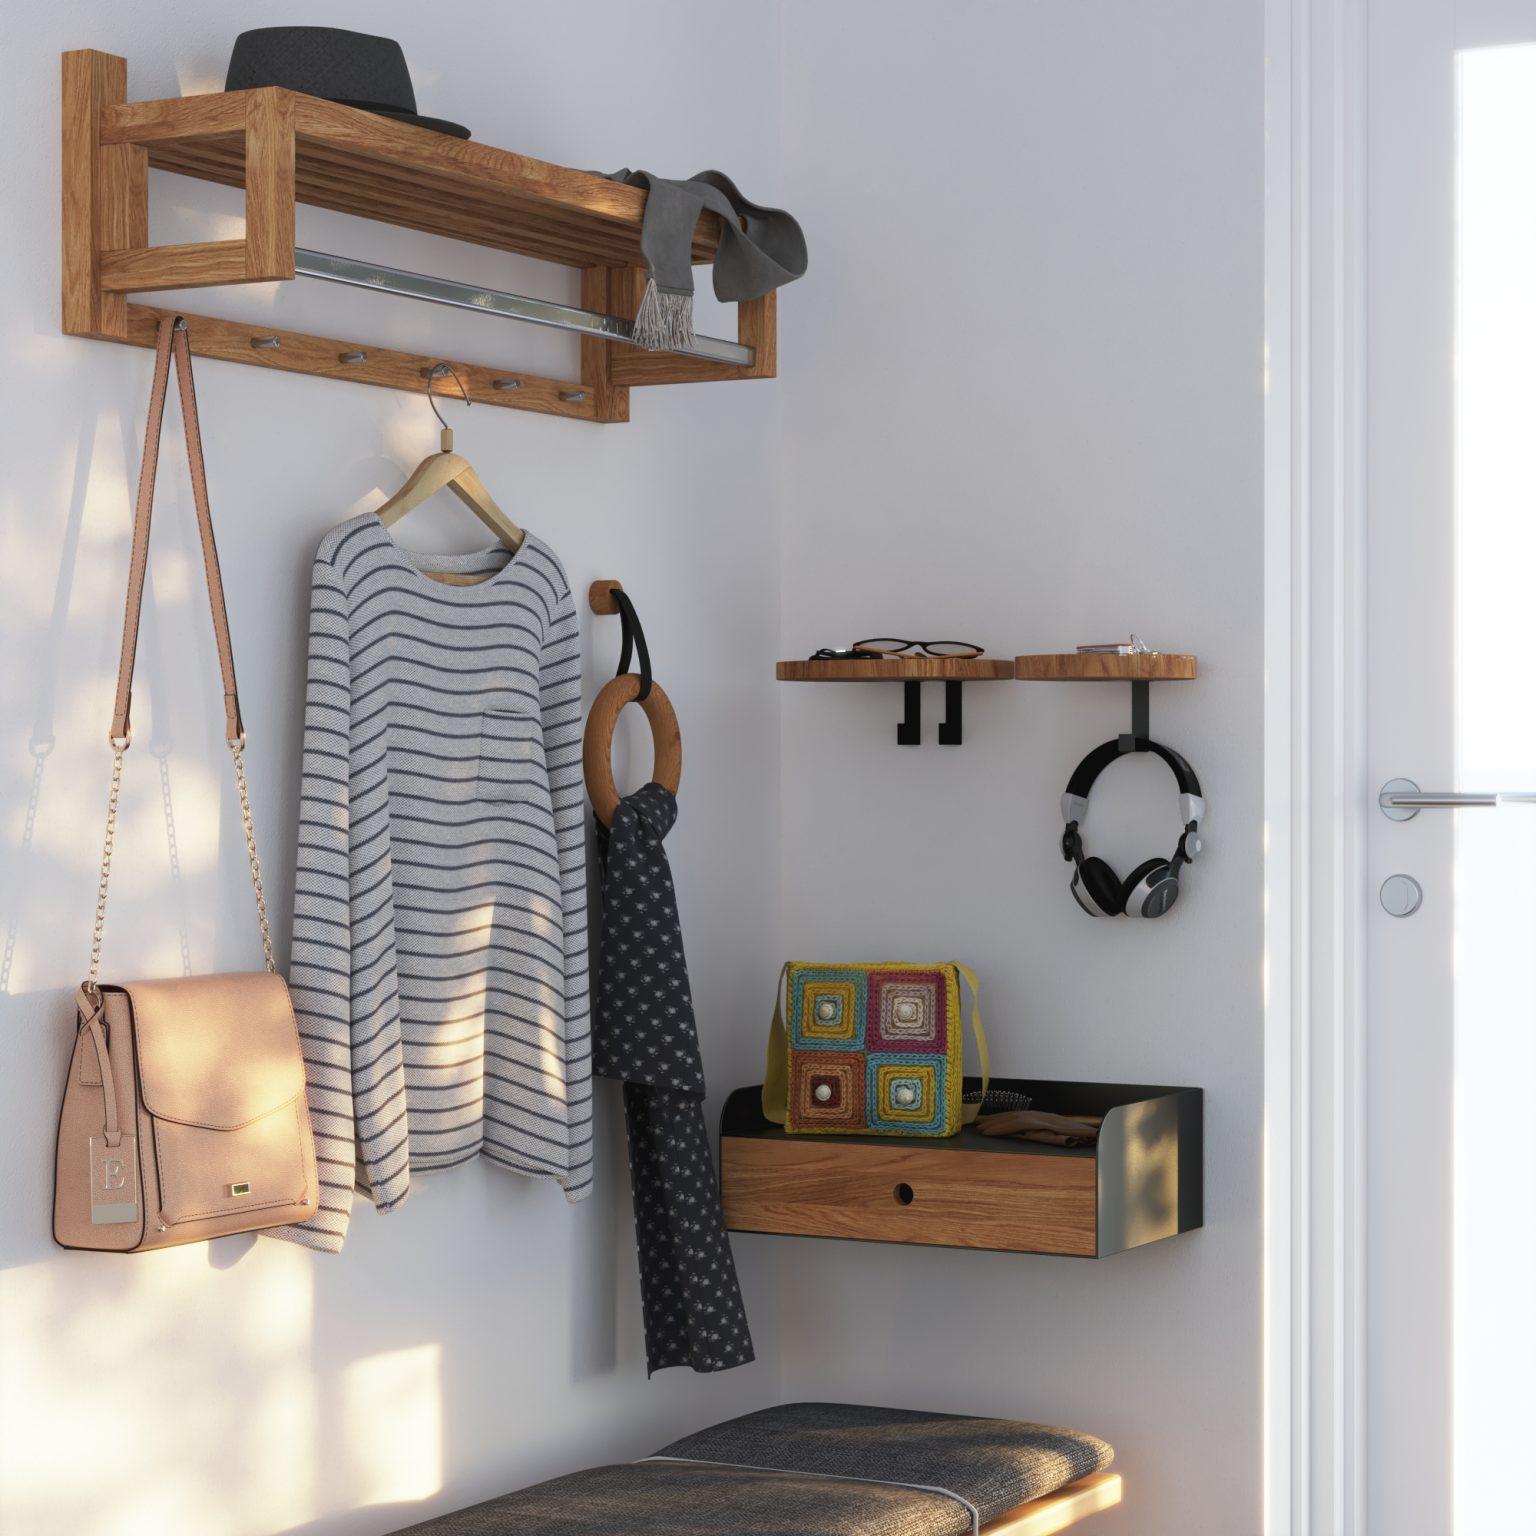 wooden coat rack, puinen naulakko, rack hat rack, naulakko hattuhylly, rack hat rack, naulakko hattuhylly, rack on the wall, naulakko seinälle, naulakko seinään, wooden rack, puunaulakko, rack hallway, naulakko eteinen, rack for the hallway, naulakko eteiseen, rack hook, naulakko koukku, design rack, design naulakko, rack wood, naulakko puu, rack made of wood, naulakko puusta, wood rack, puu naulakko, rack with the shelf, naulakko hyllyllä,